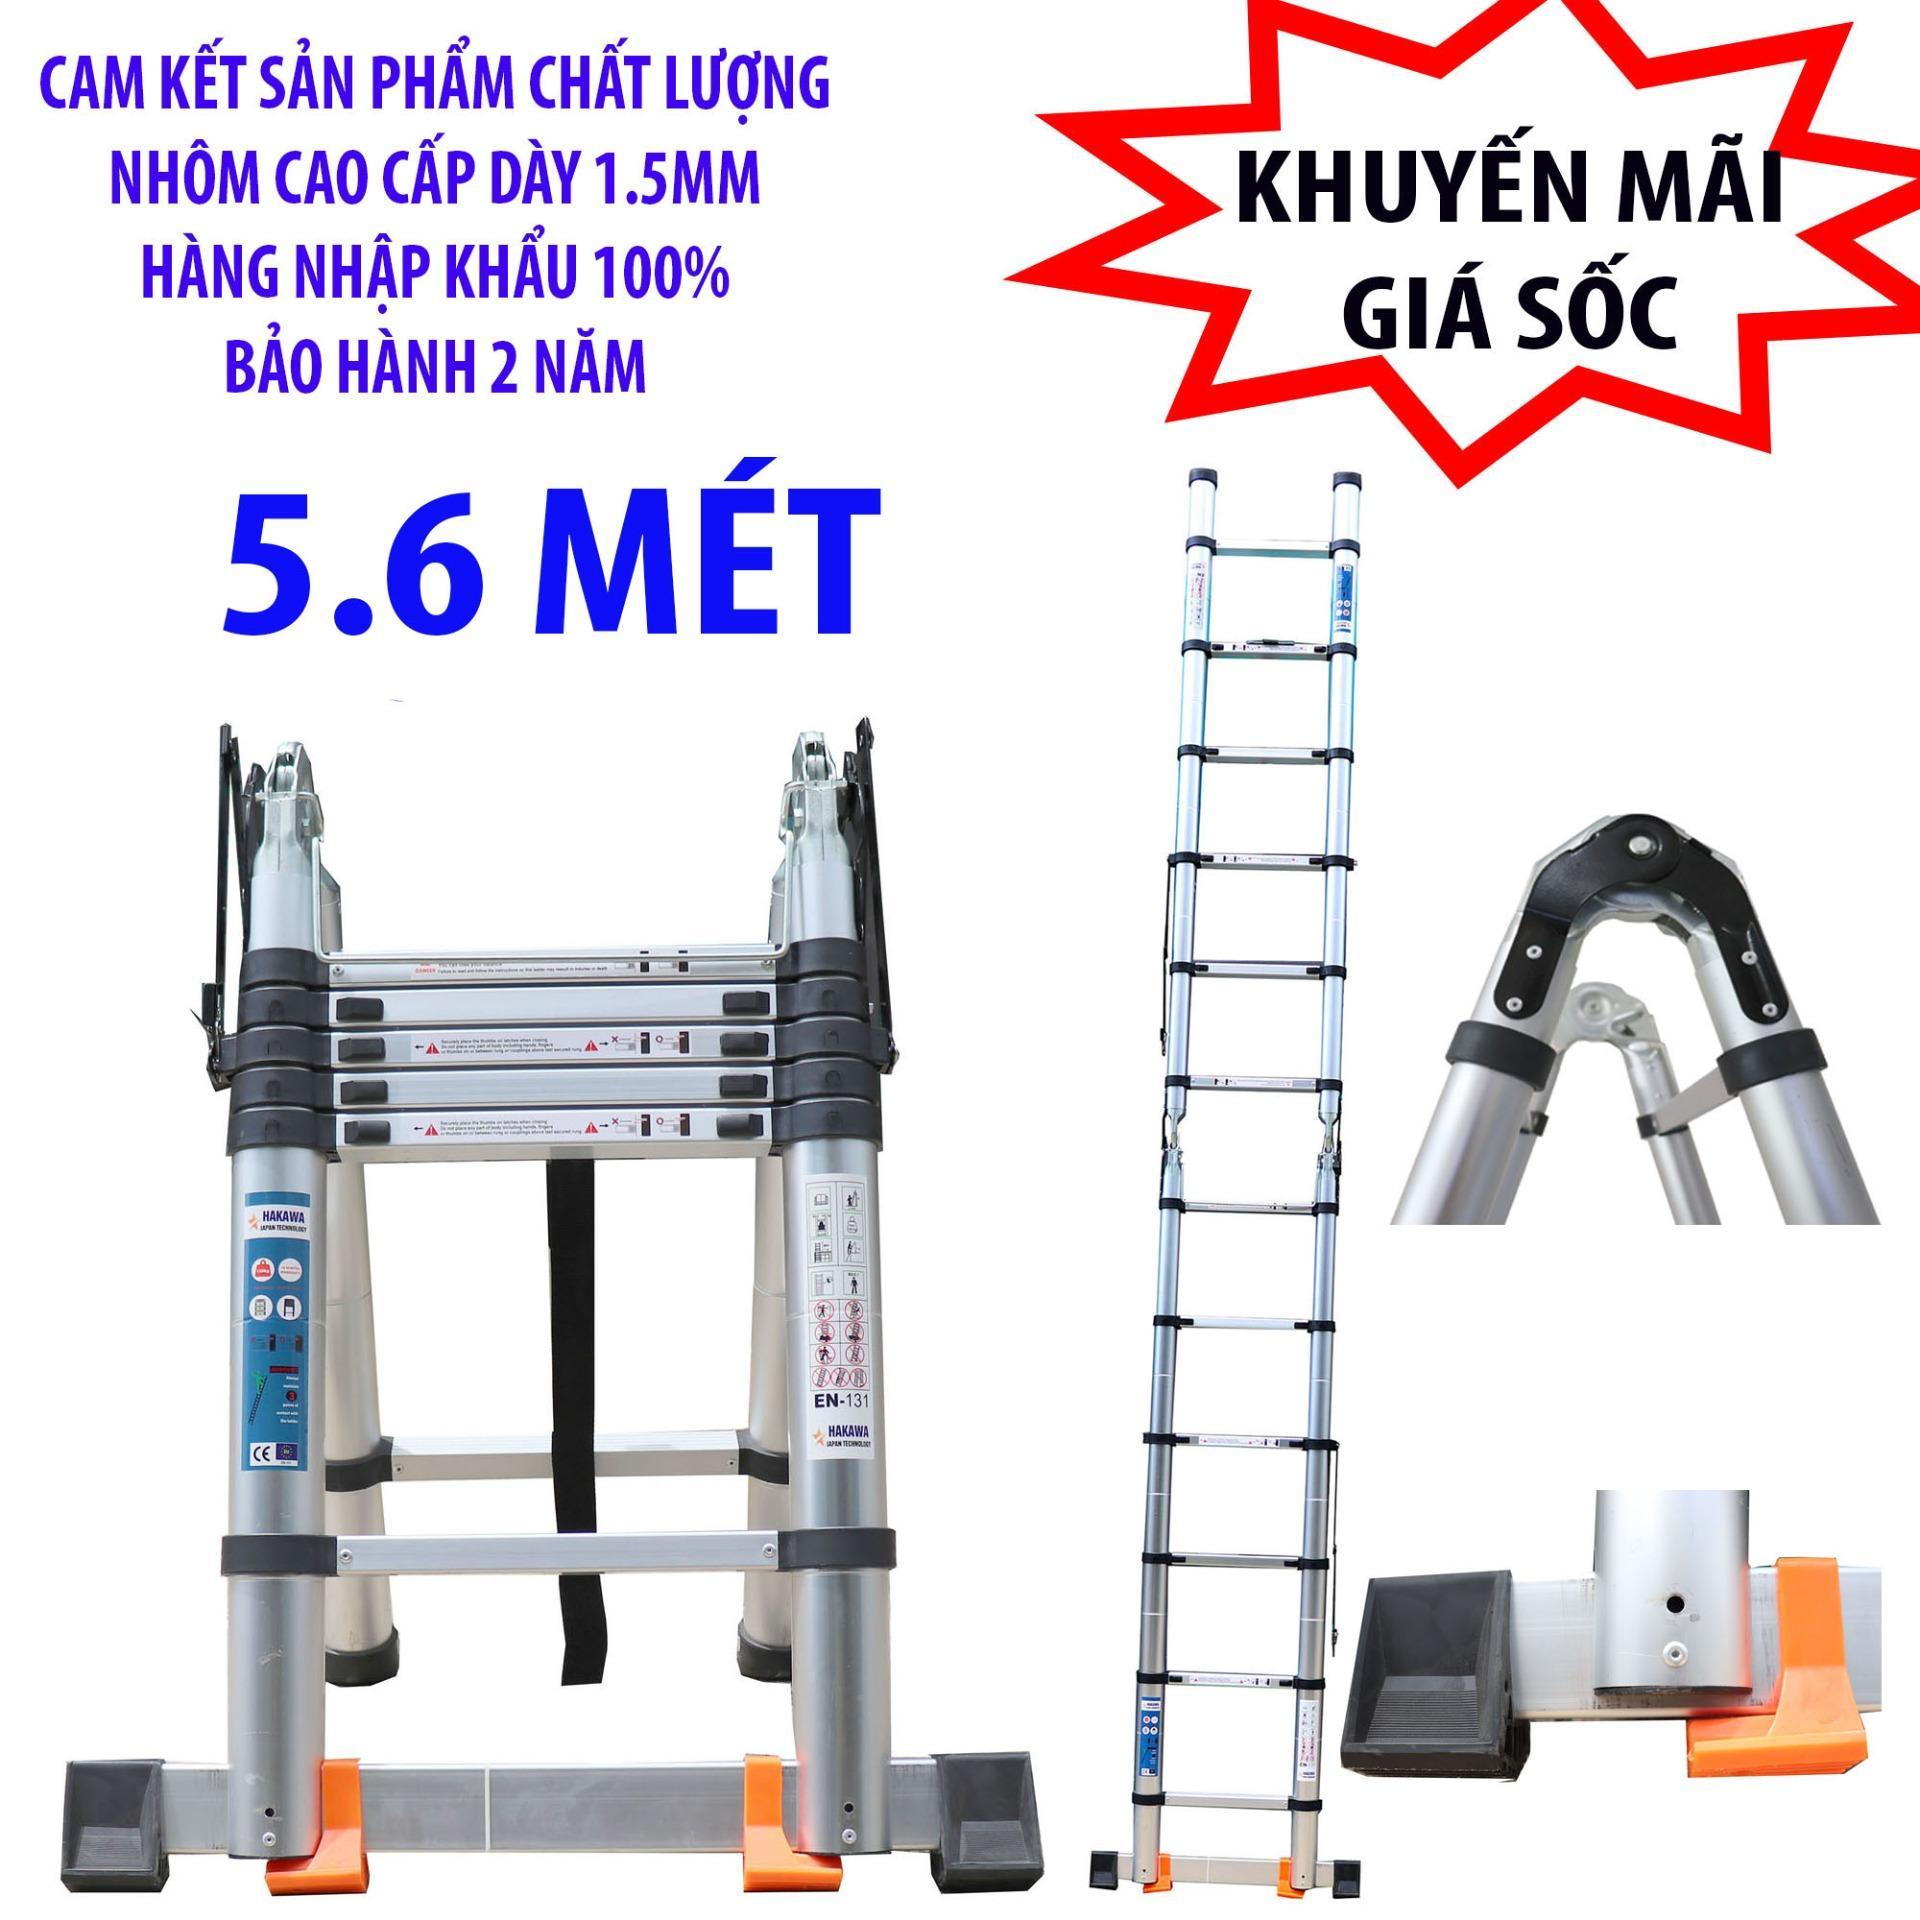 [thang nhôm rút] Thang nhôm rút chữ A HAKAWA HK256 - HÀNG NHẬT BẢN, chất lượng cao, 5 mét 6